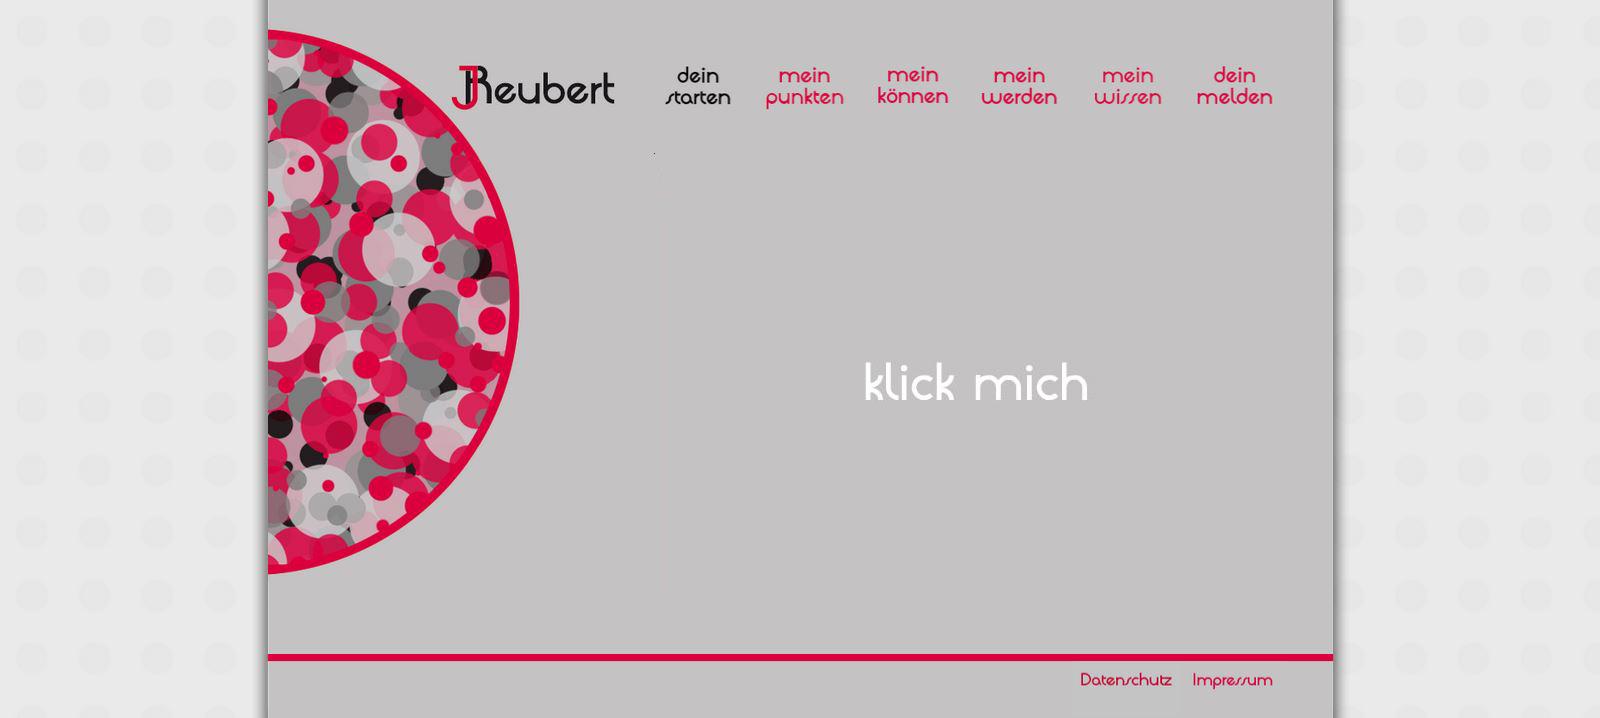 Website JReubert alt Start